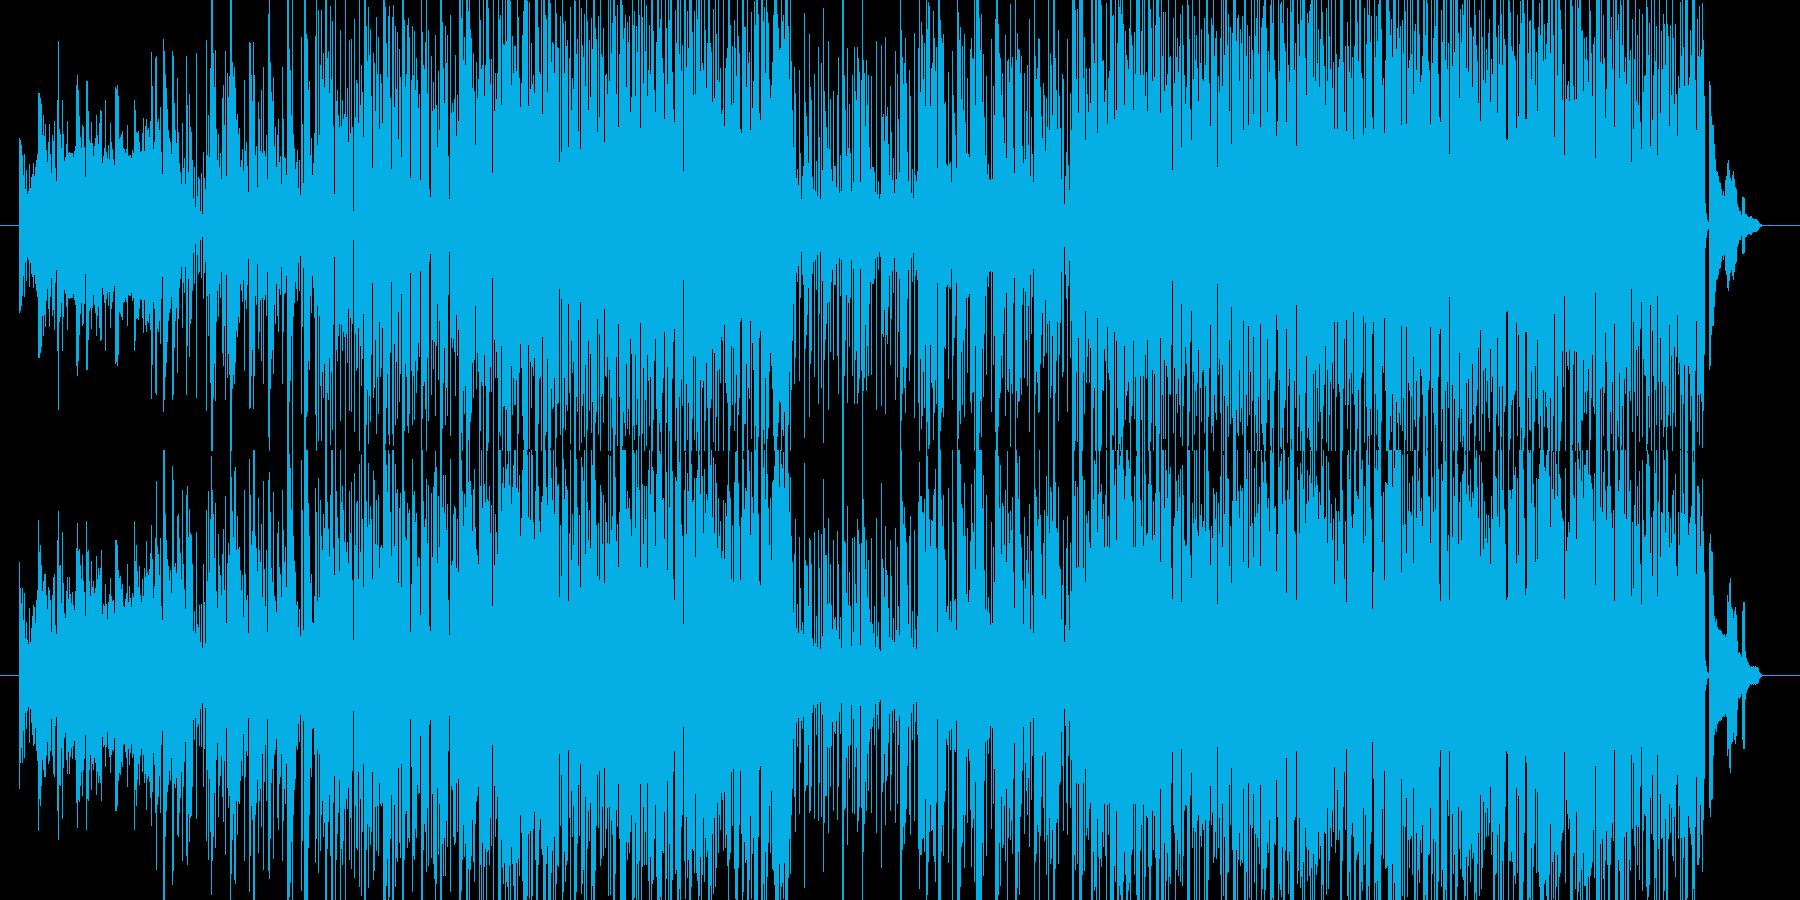 くつろぎの空間に向いた楽曲をテーマに、…の再生済みの波形